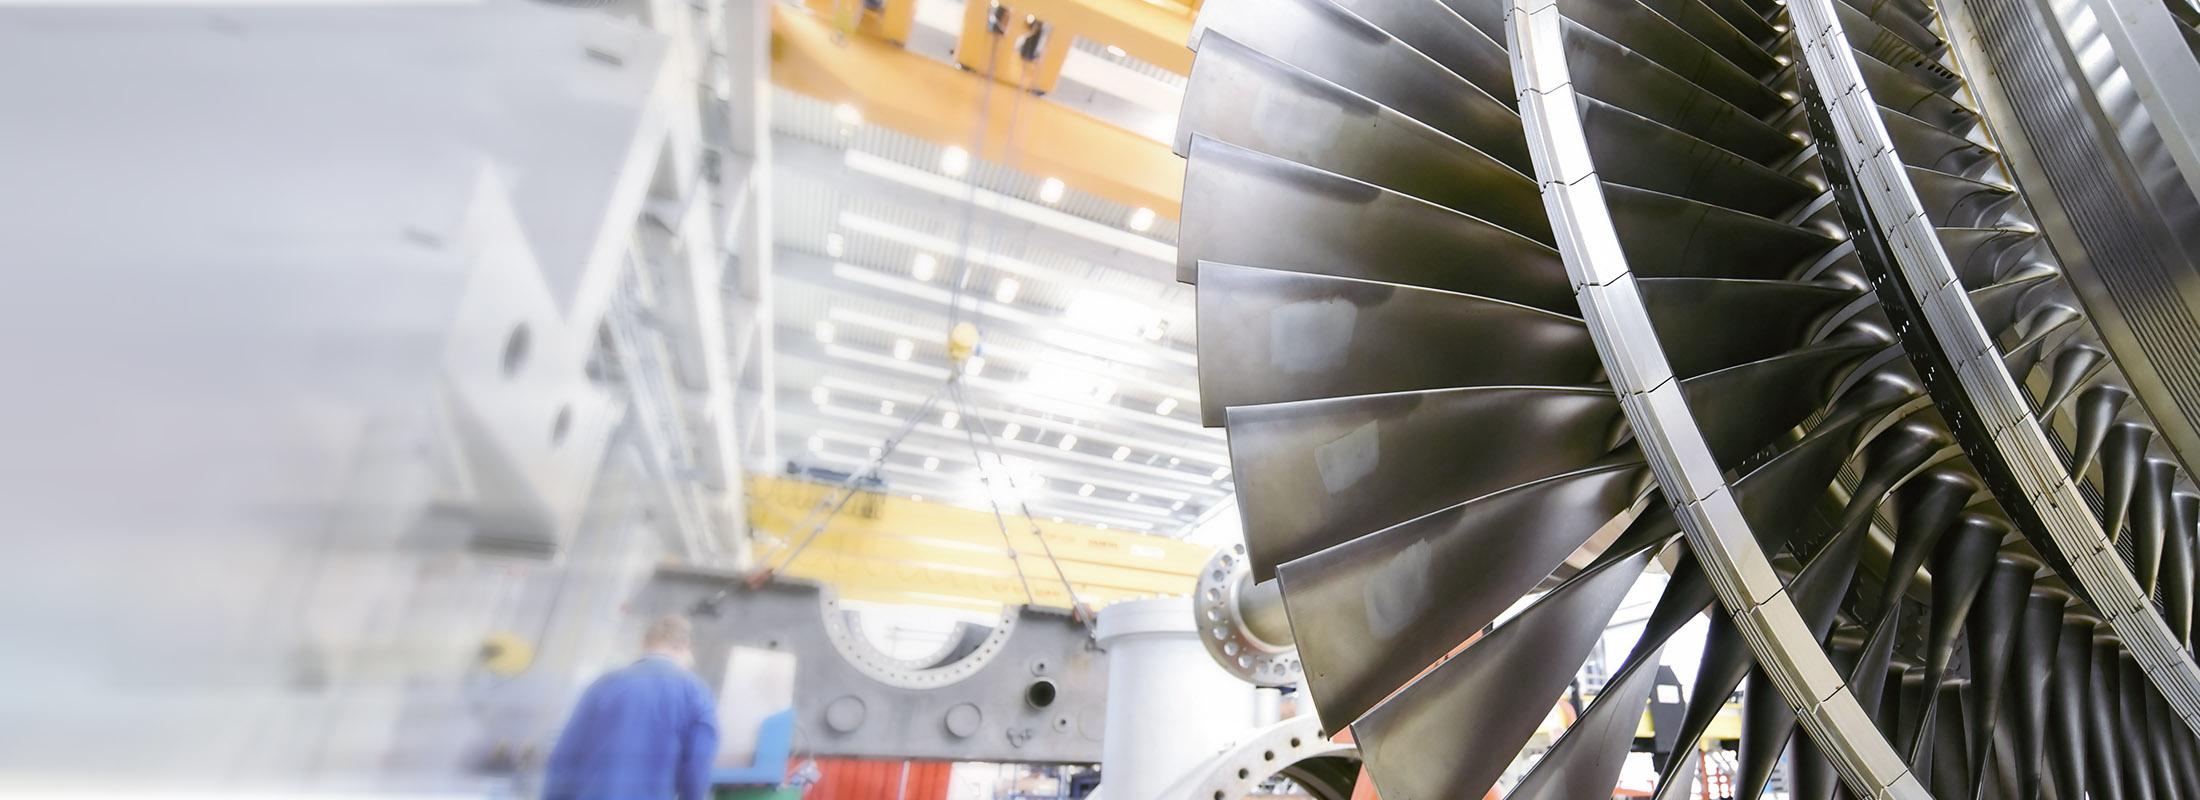 CPRO INDUSTRY SAP Branche Maschinen- und Anlagenbau